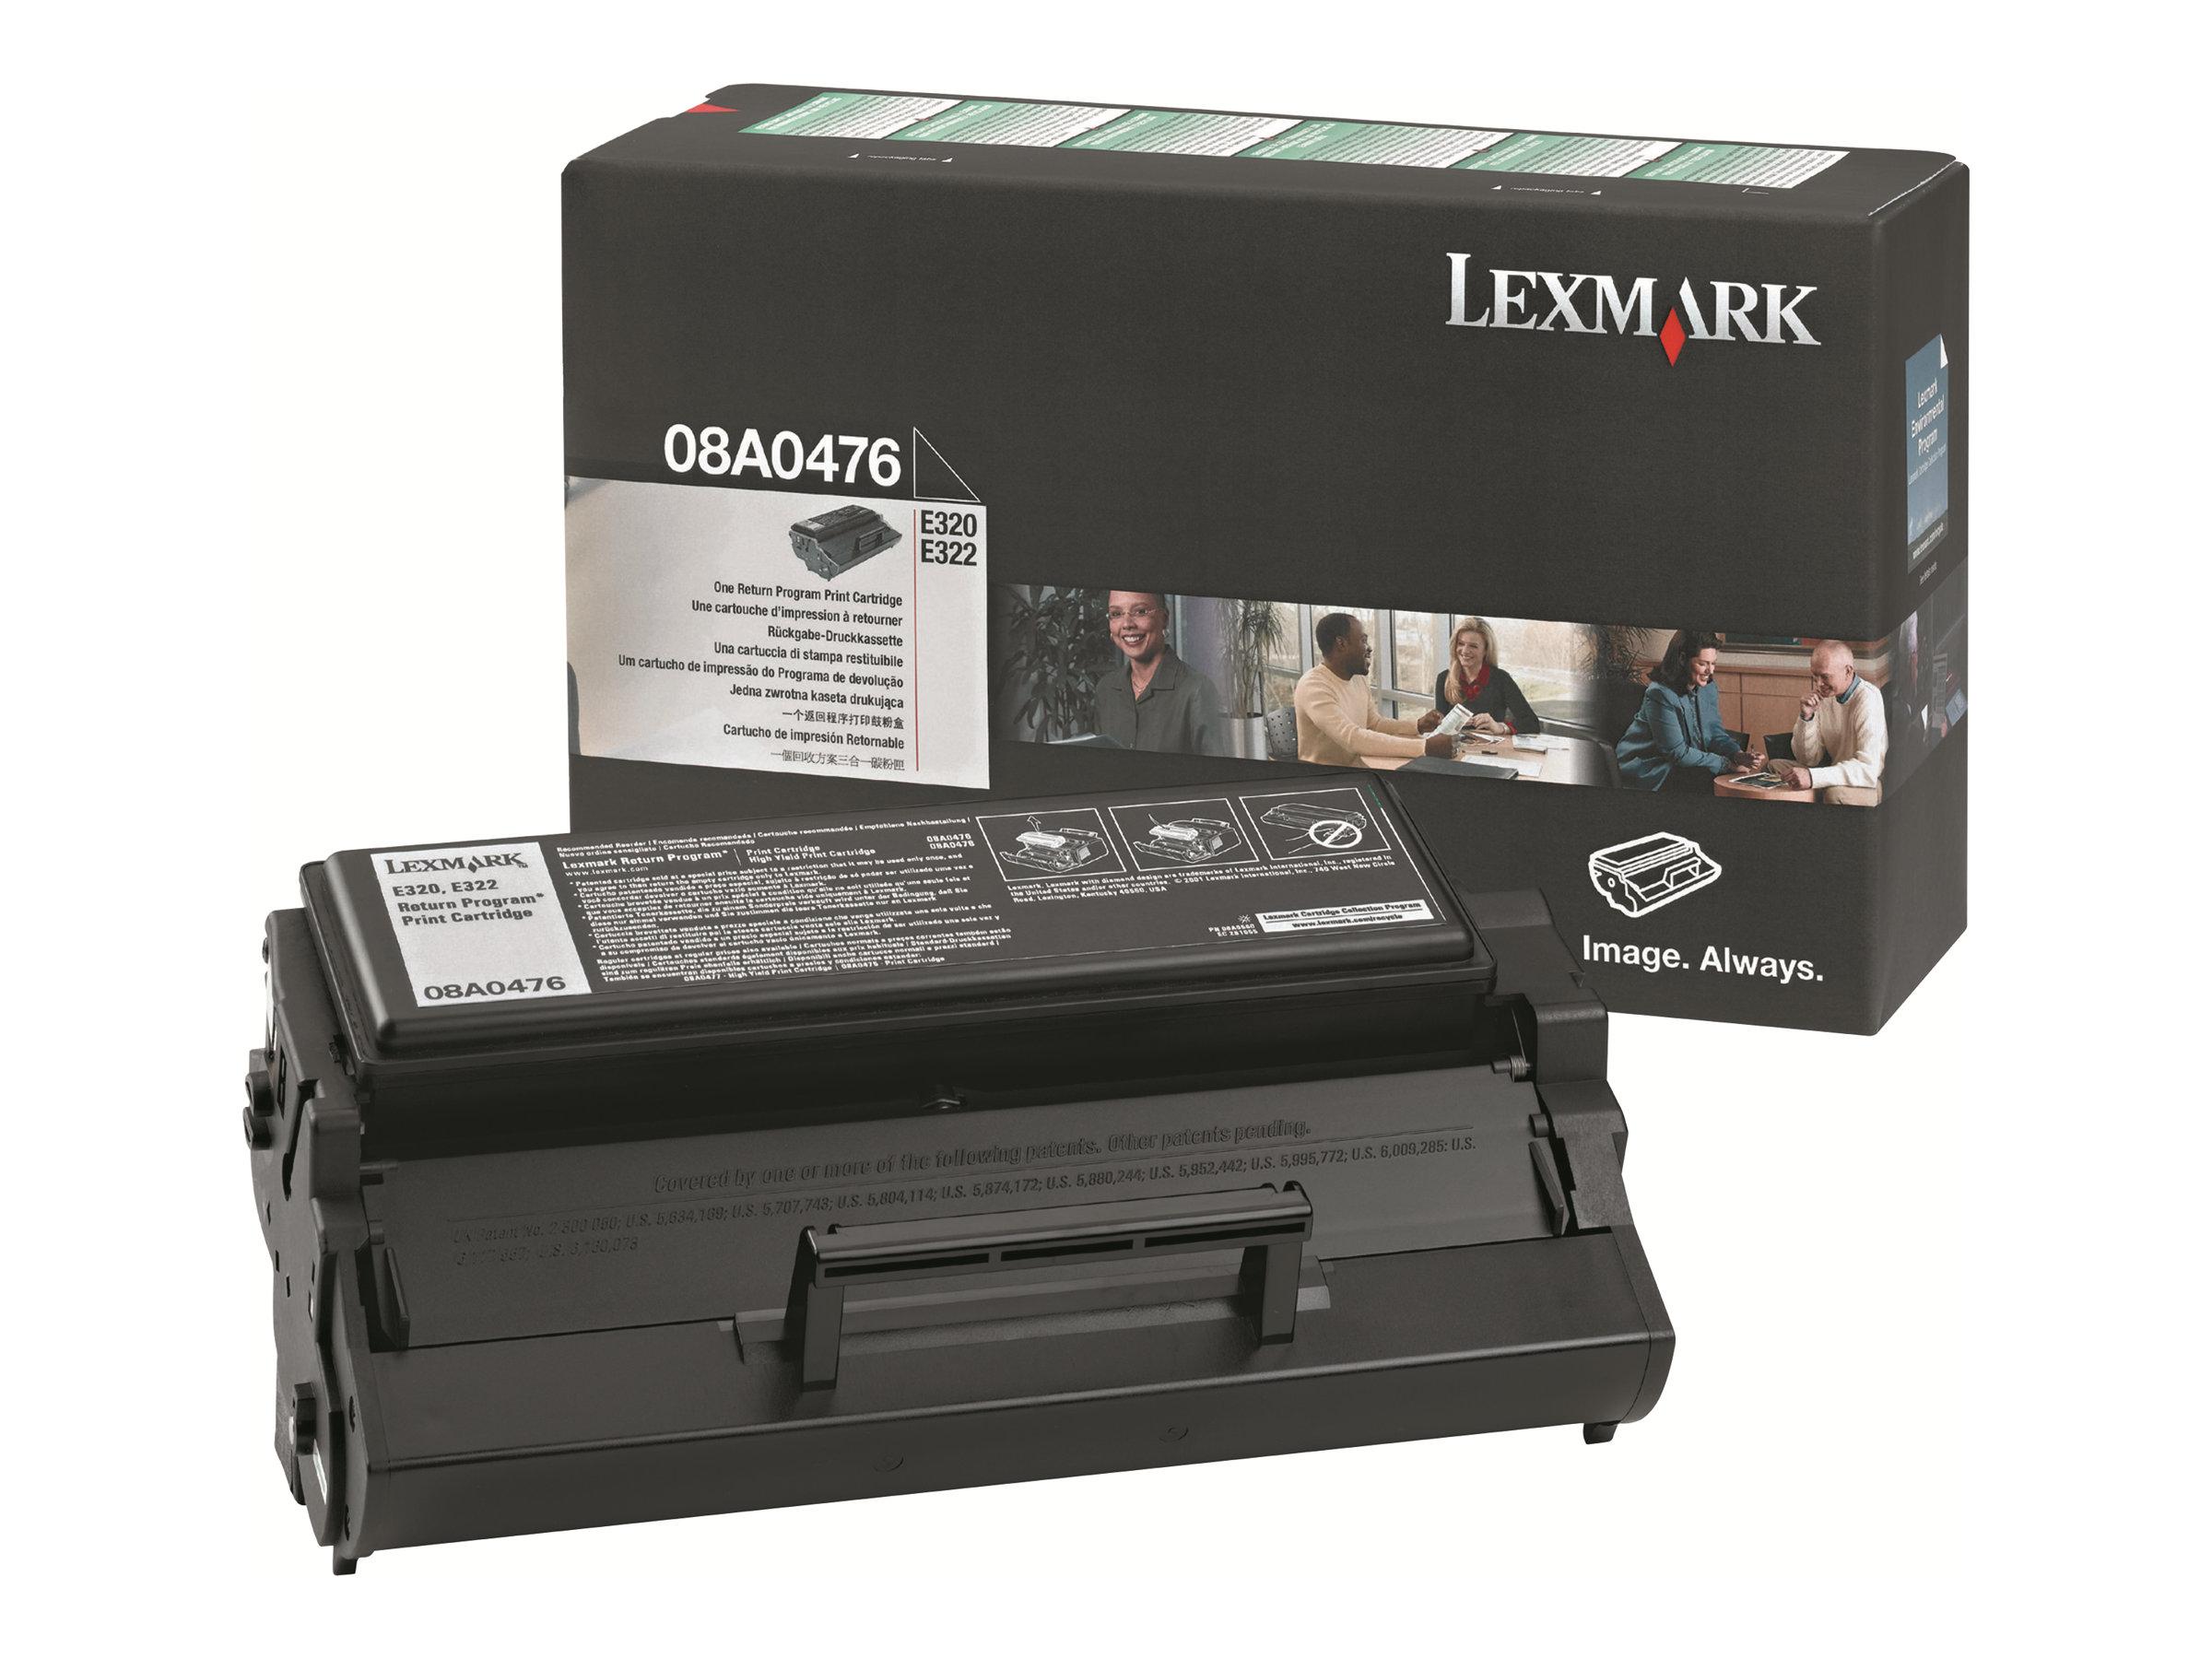 Lexmark - Schwarz - Original - Tonerpatrone LRP - für E320, 322, 322n, 322tn